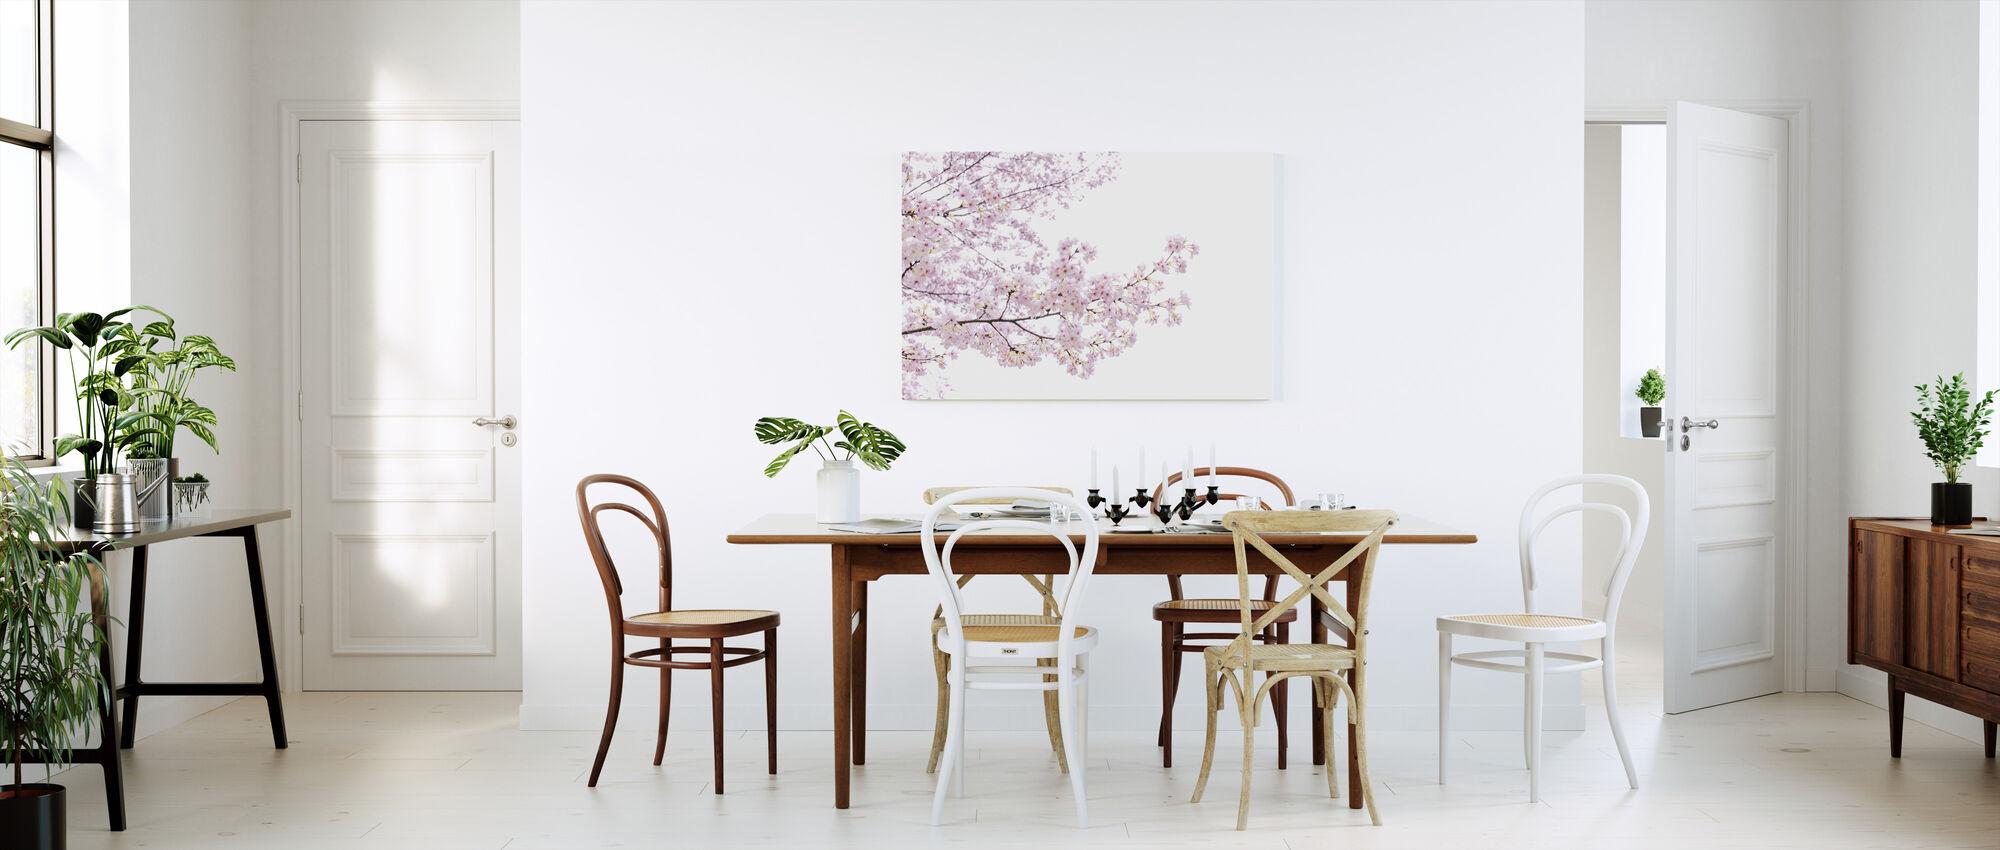 Divine Cherry Blossoms - Canvas print - Kitchen